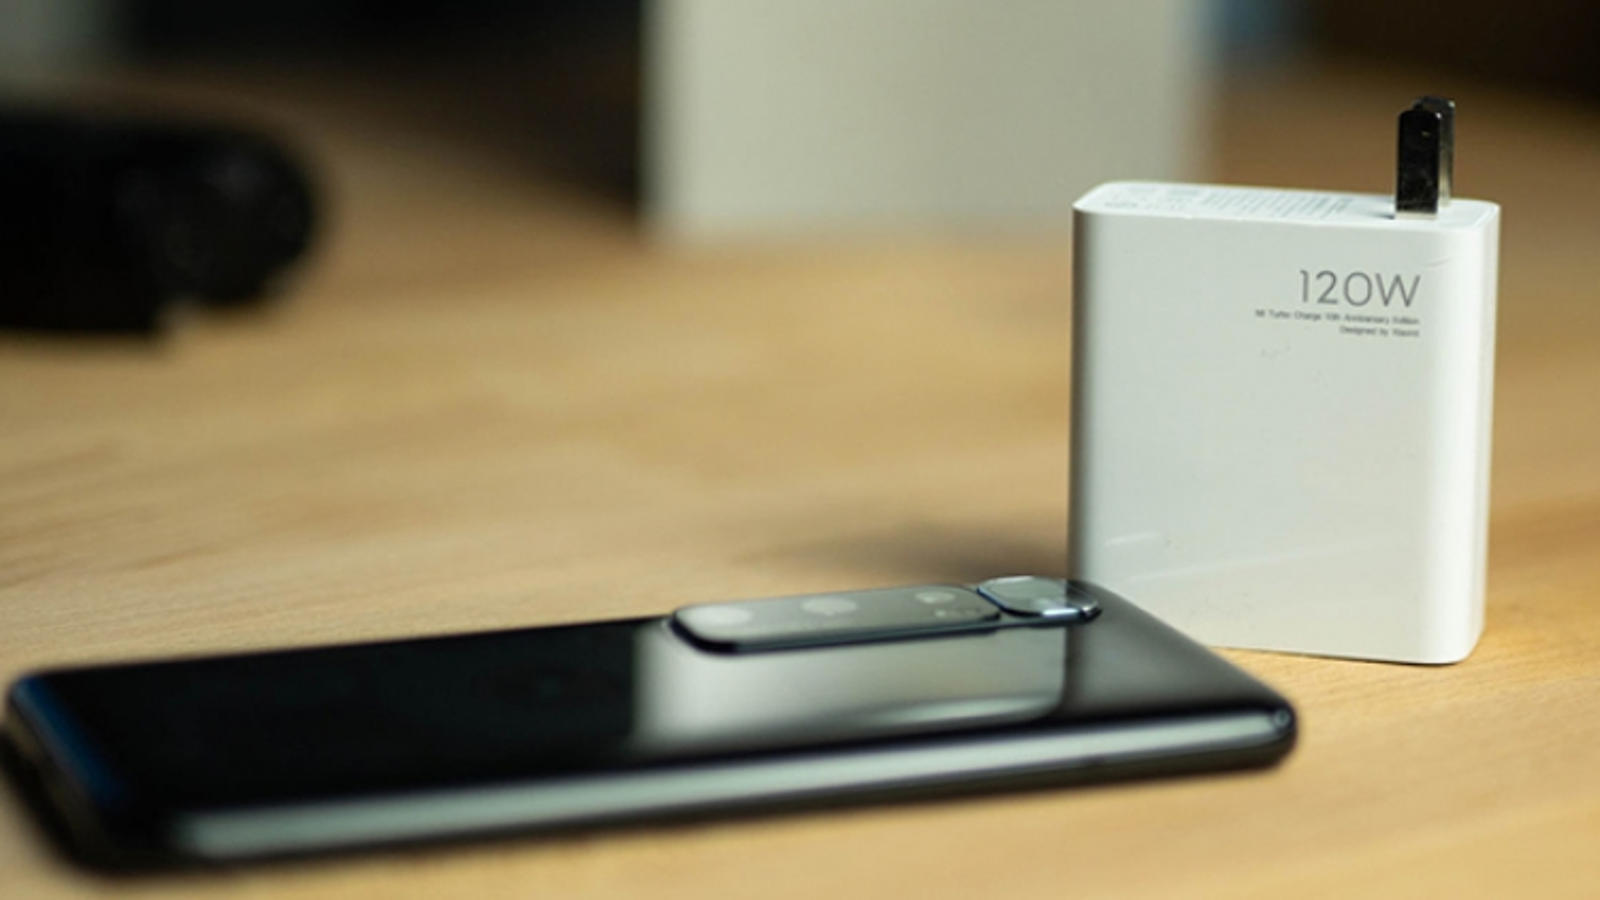 Xiaomi phát triển công nghệ sạc nhanh gấp 10 lần iPhone 12